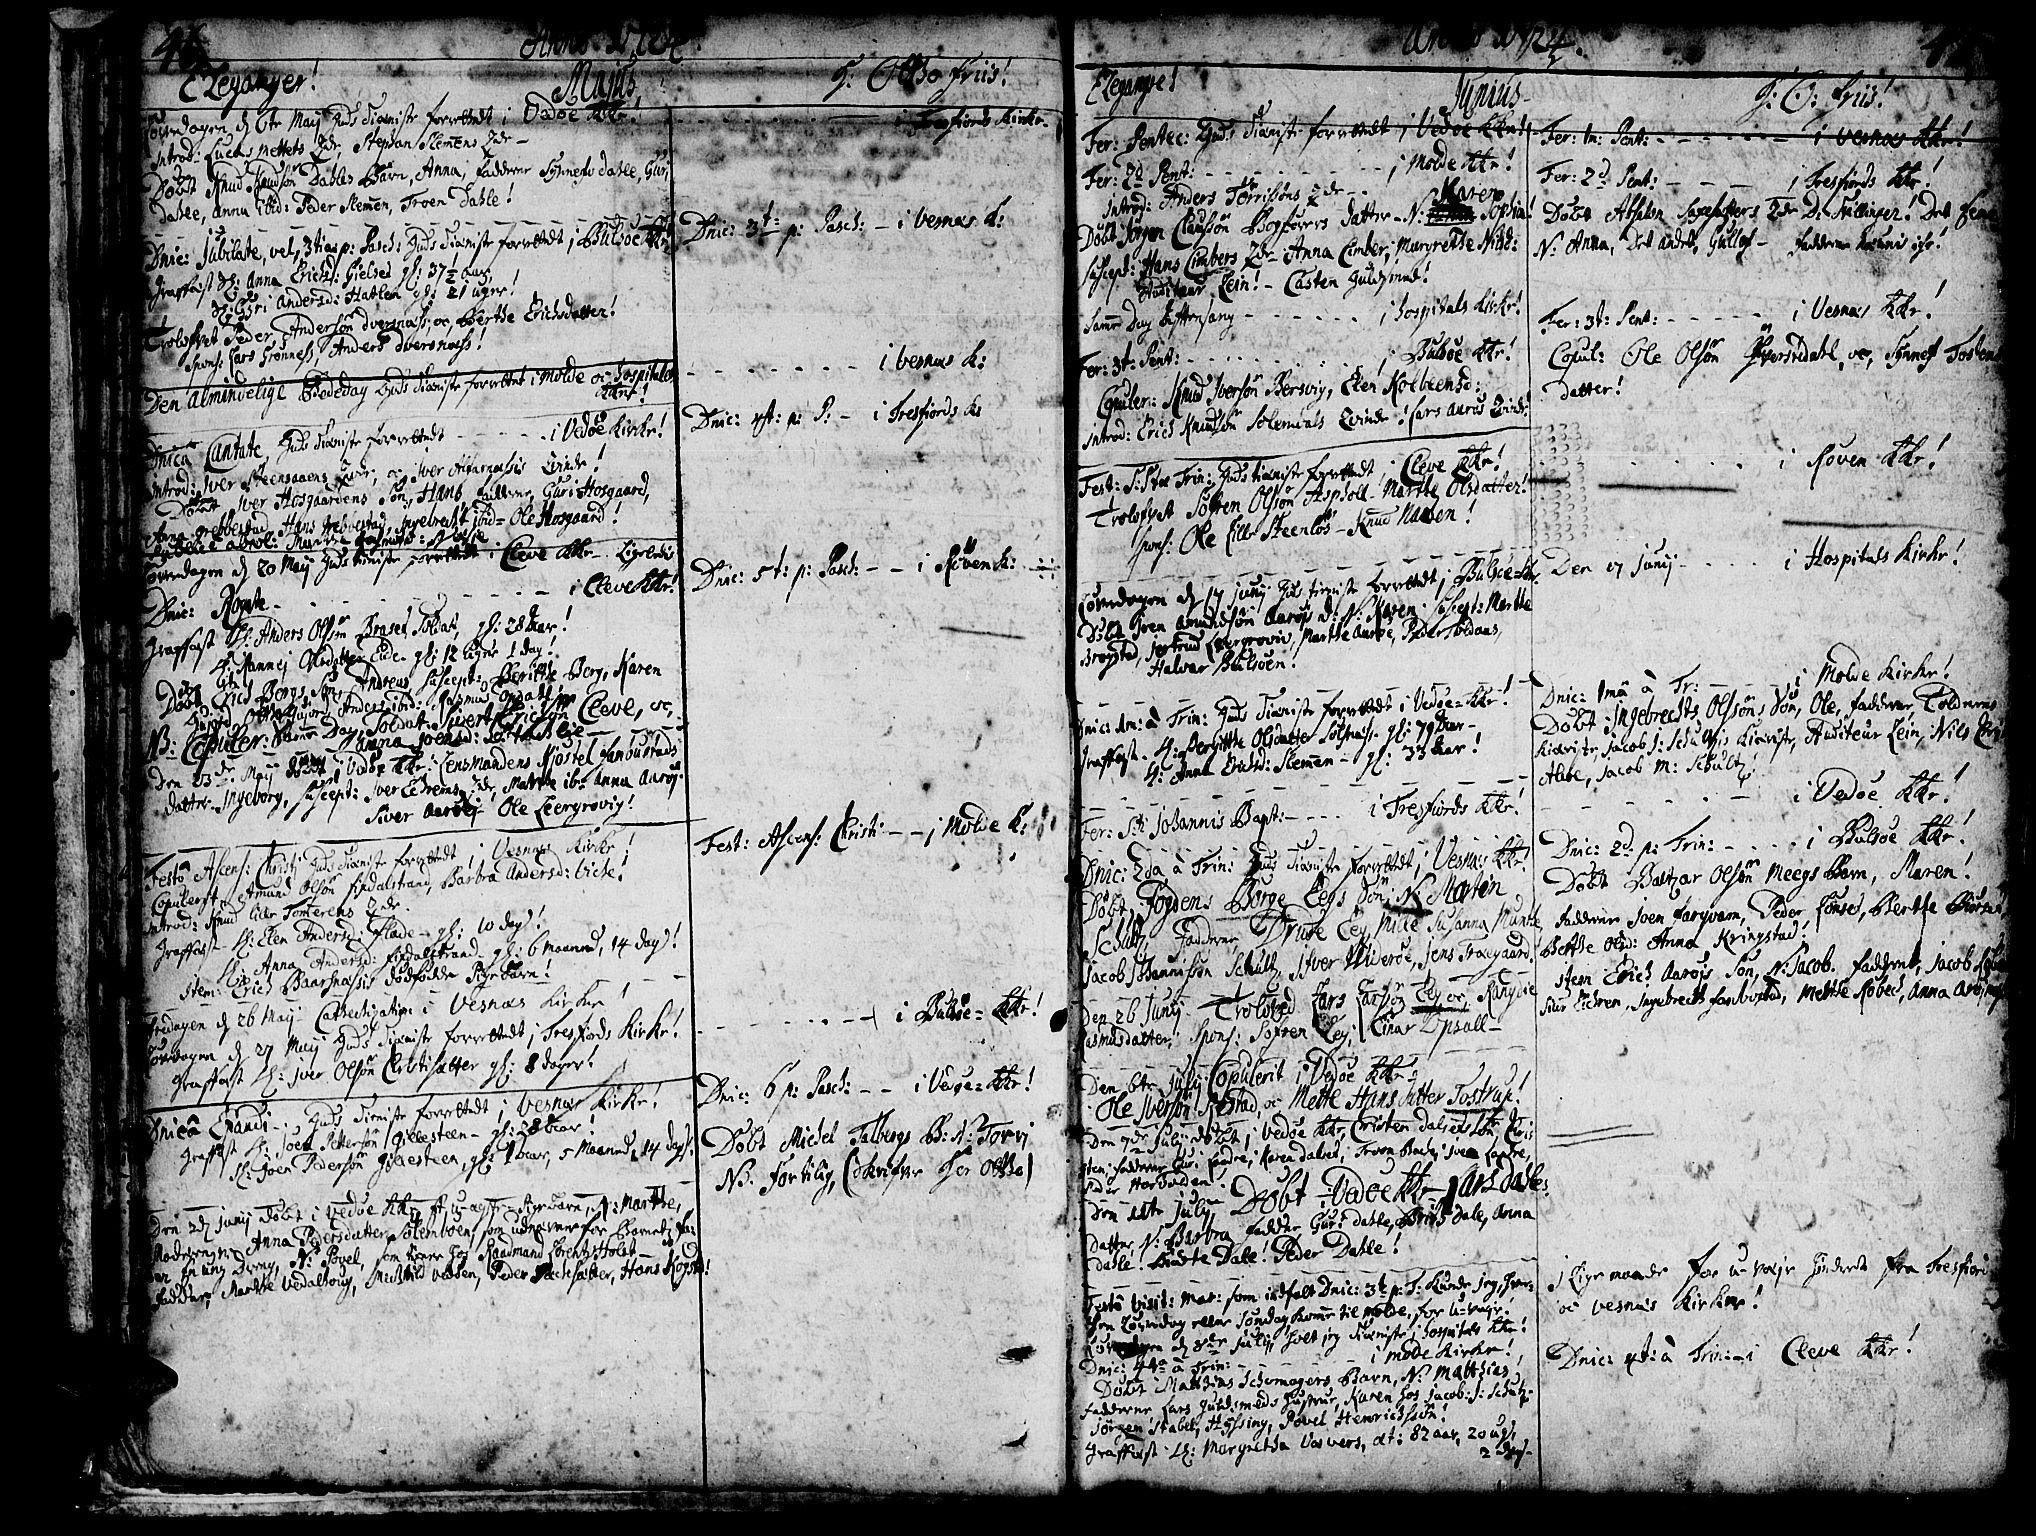 SAT, Ministerialprotokoller, klokkerbøker og fødselsregistre - Møre og Romsdal, 547/L0599: Ministerialbok nr. 547A01, 1721-1764, s. 48-49